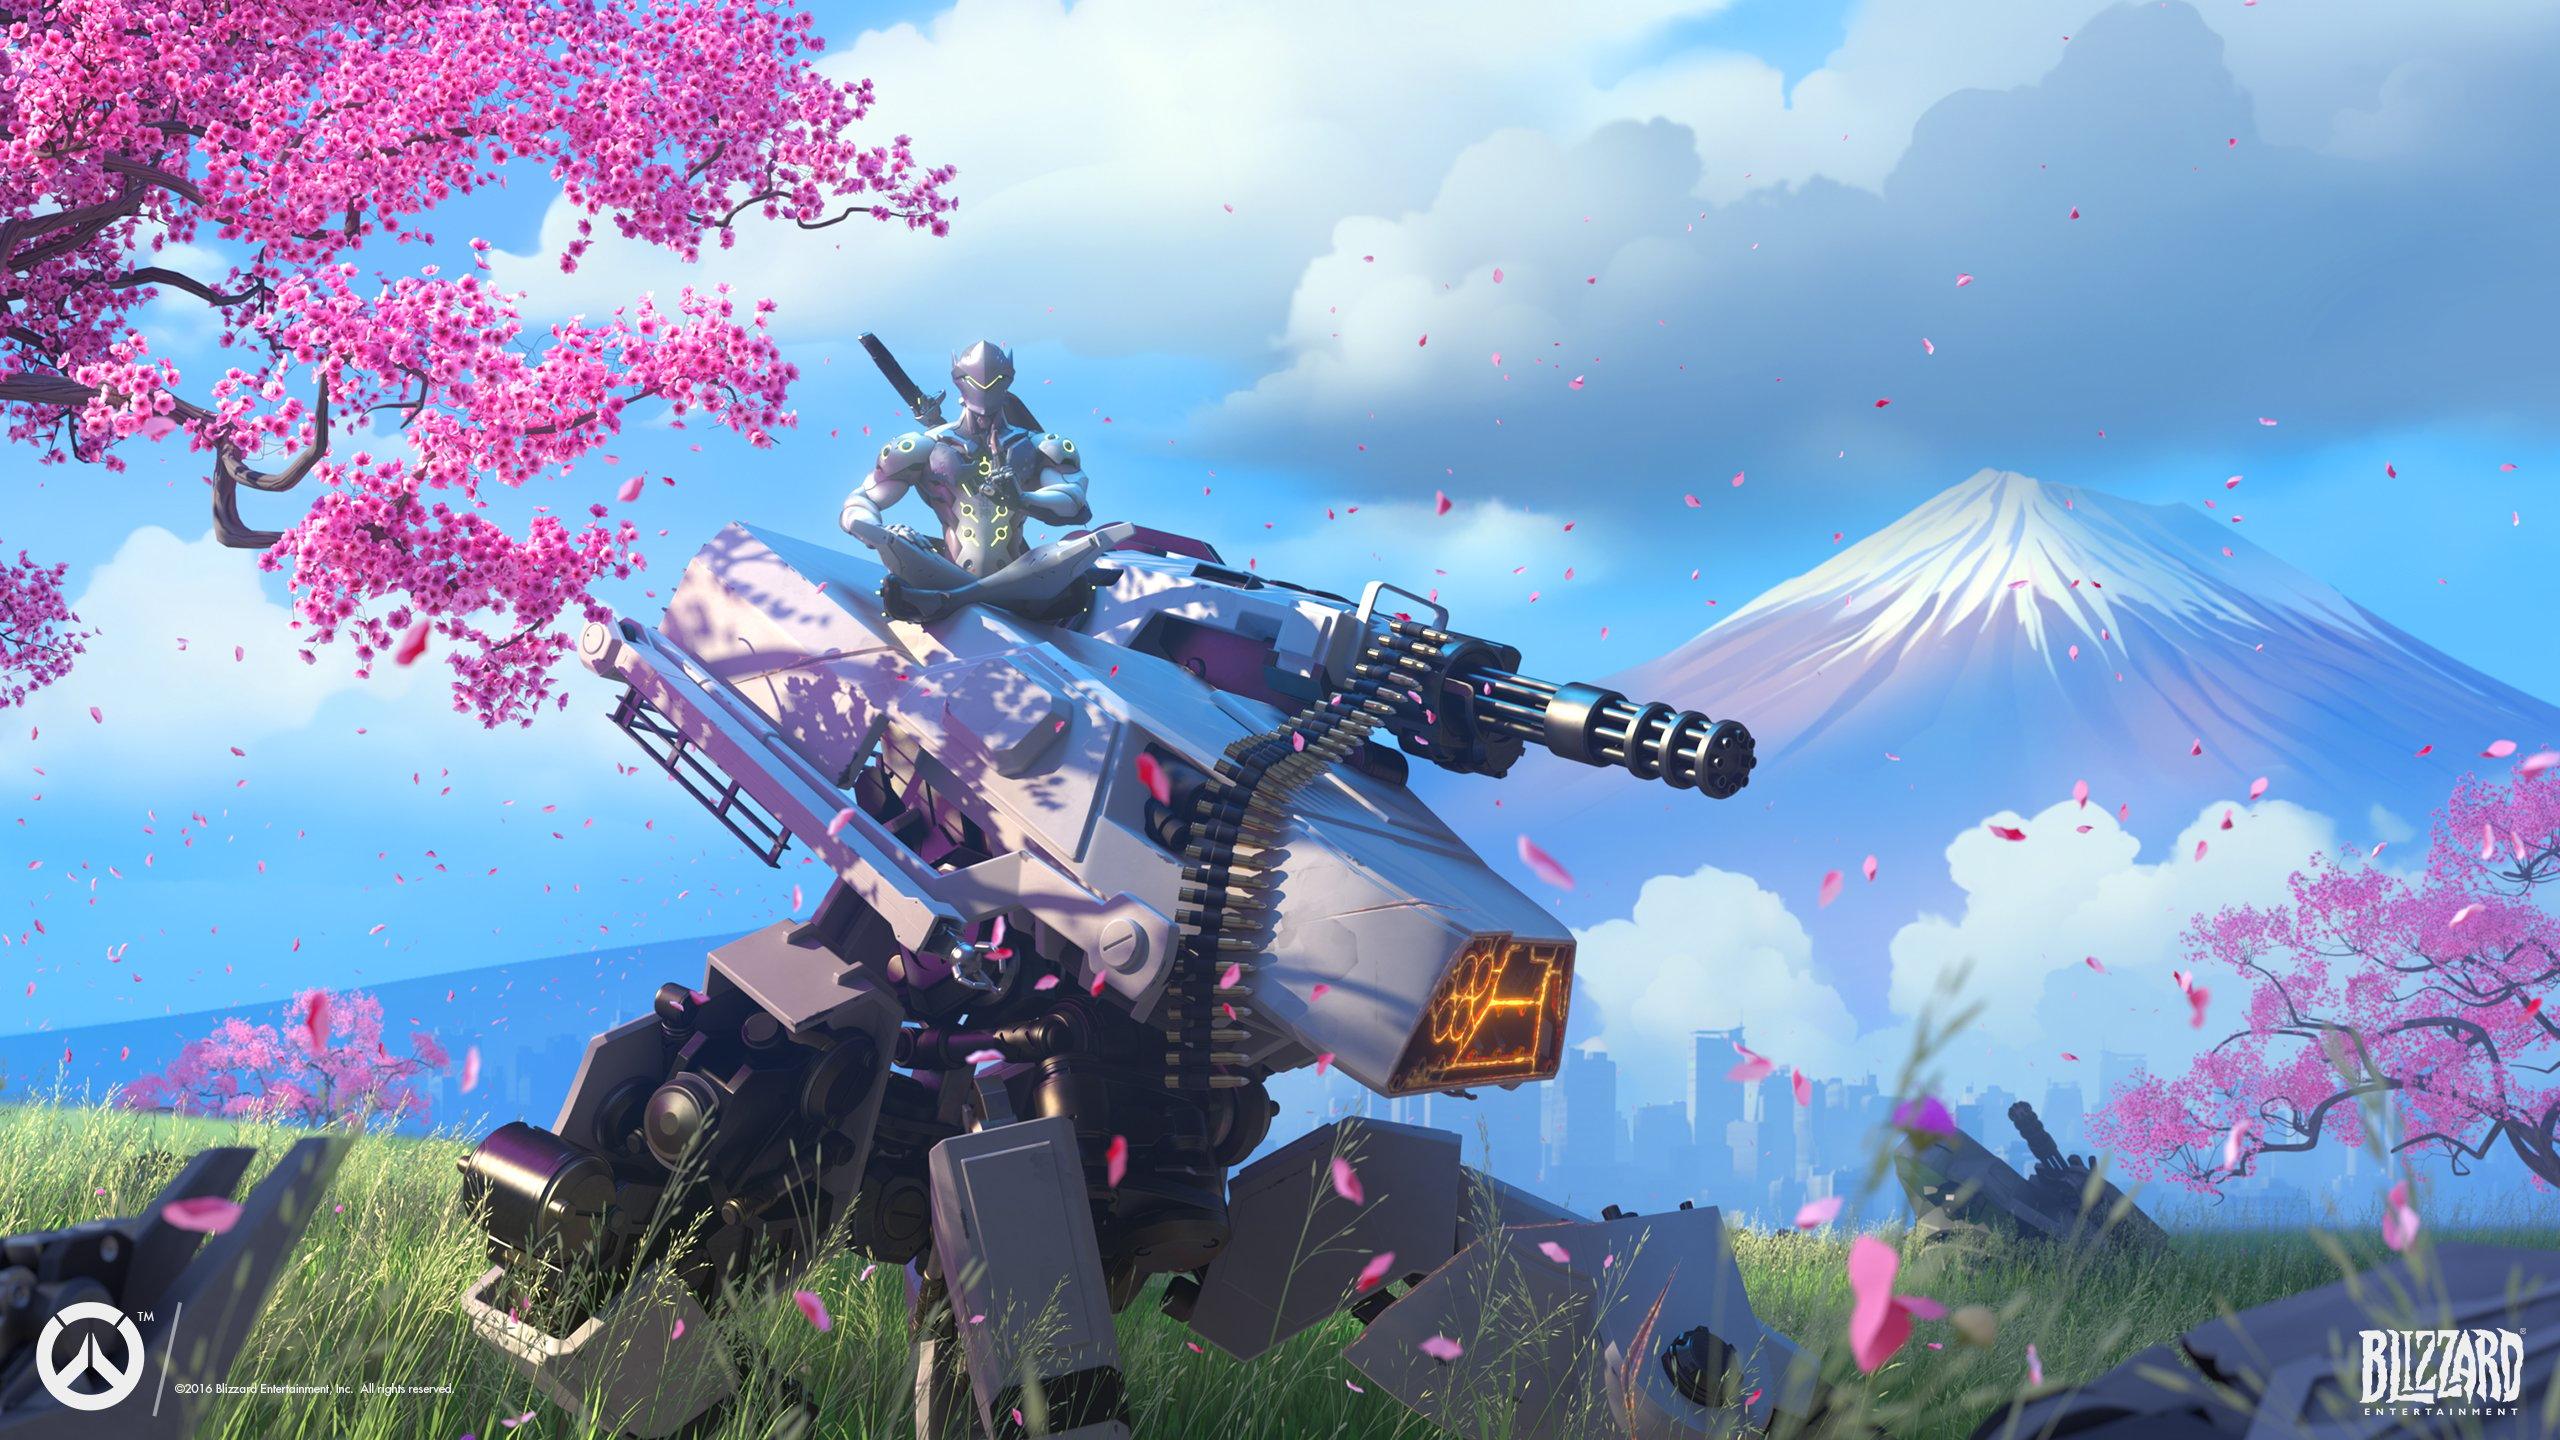 Overwatch Genji Wallpapers HD Wallpapers 2560x1440